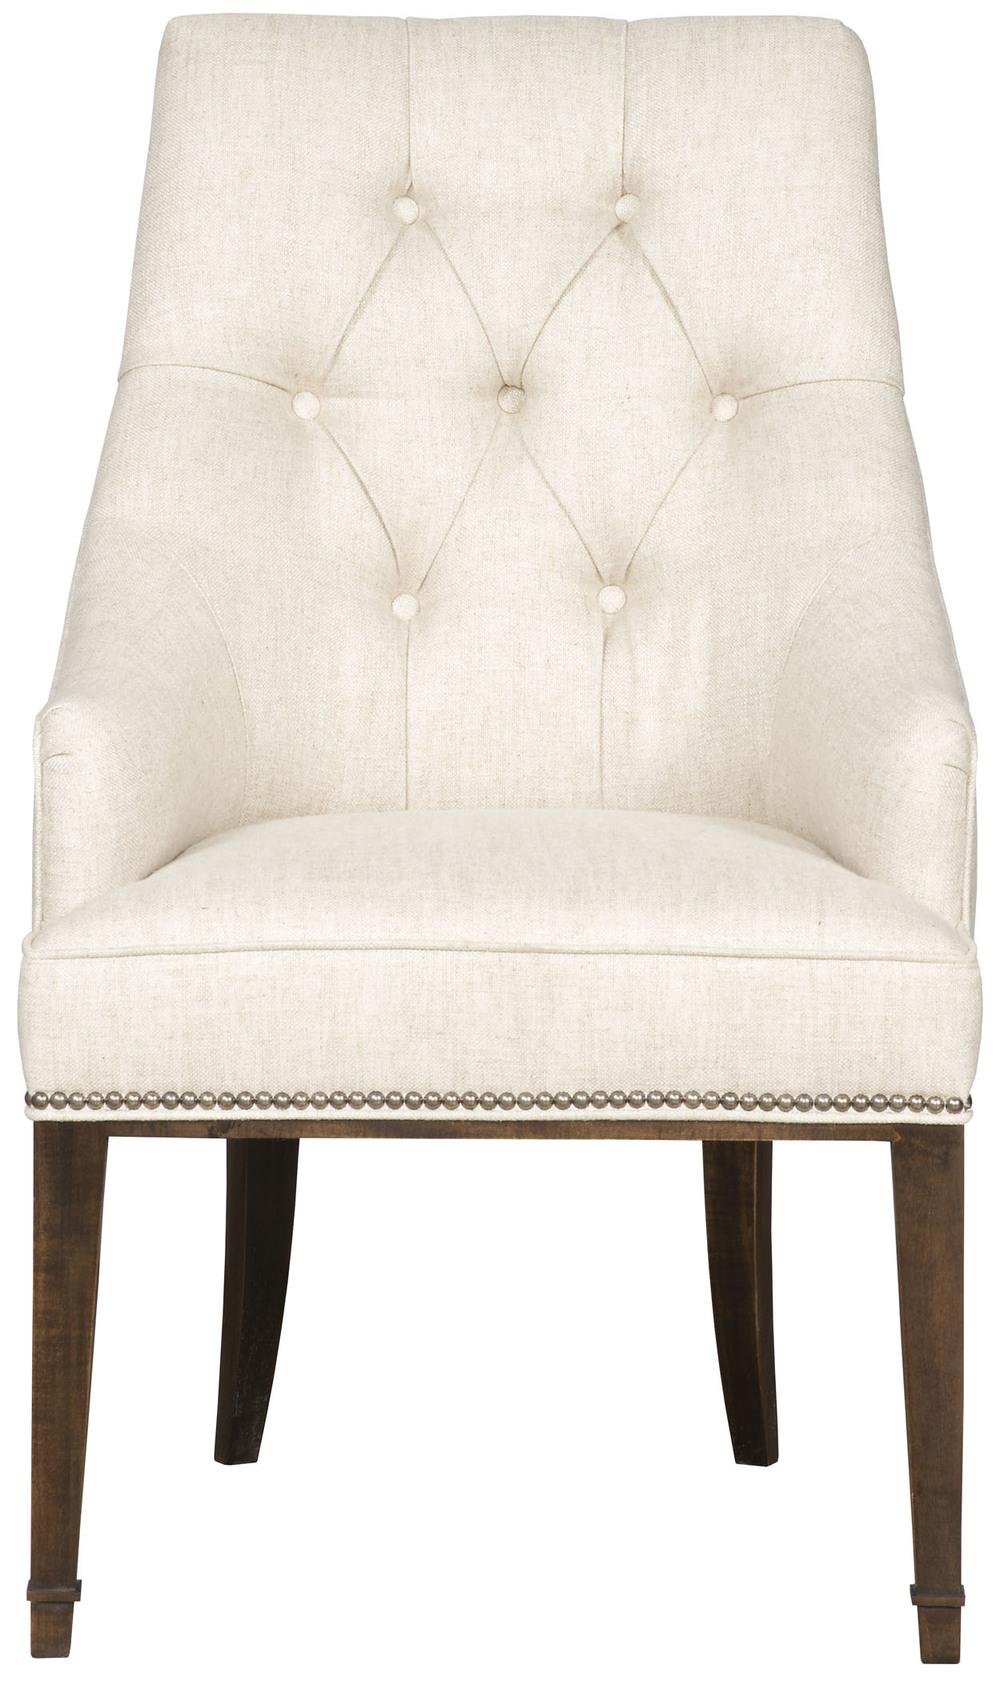 Vanguard Furniture - Brinley Tufted Arm Chair